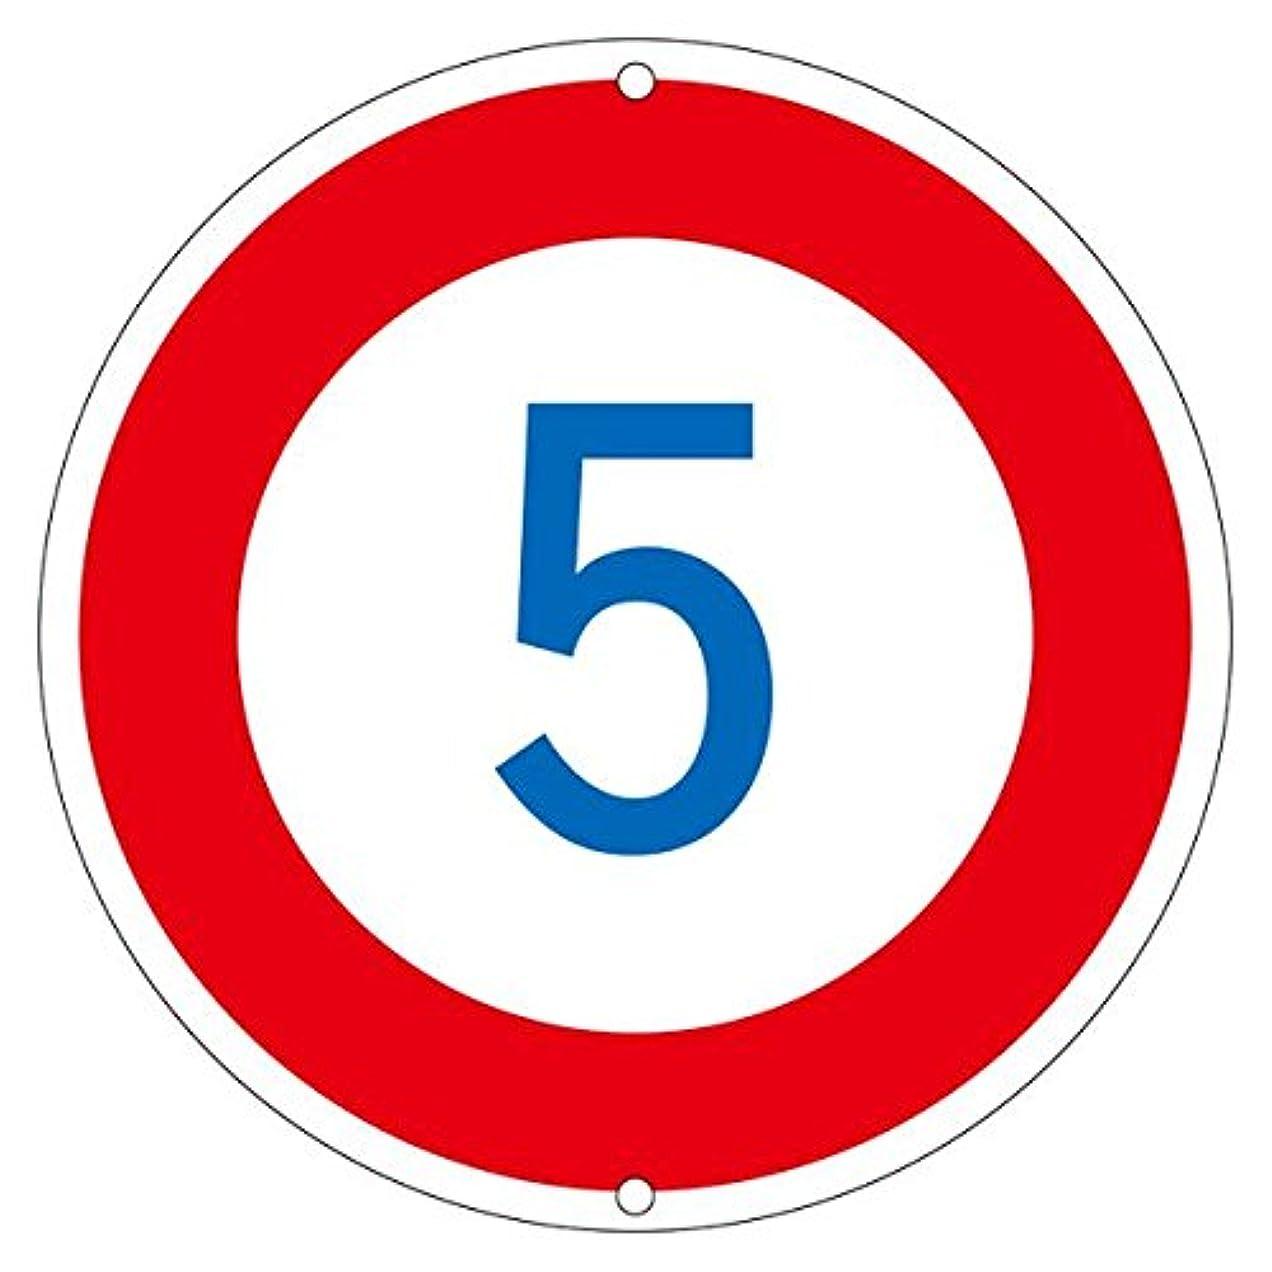 サイクロプス行懐疑的道路標識 5 道路 323-5K